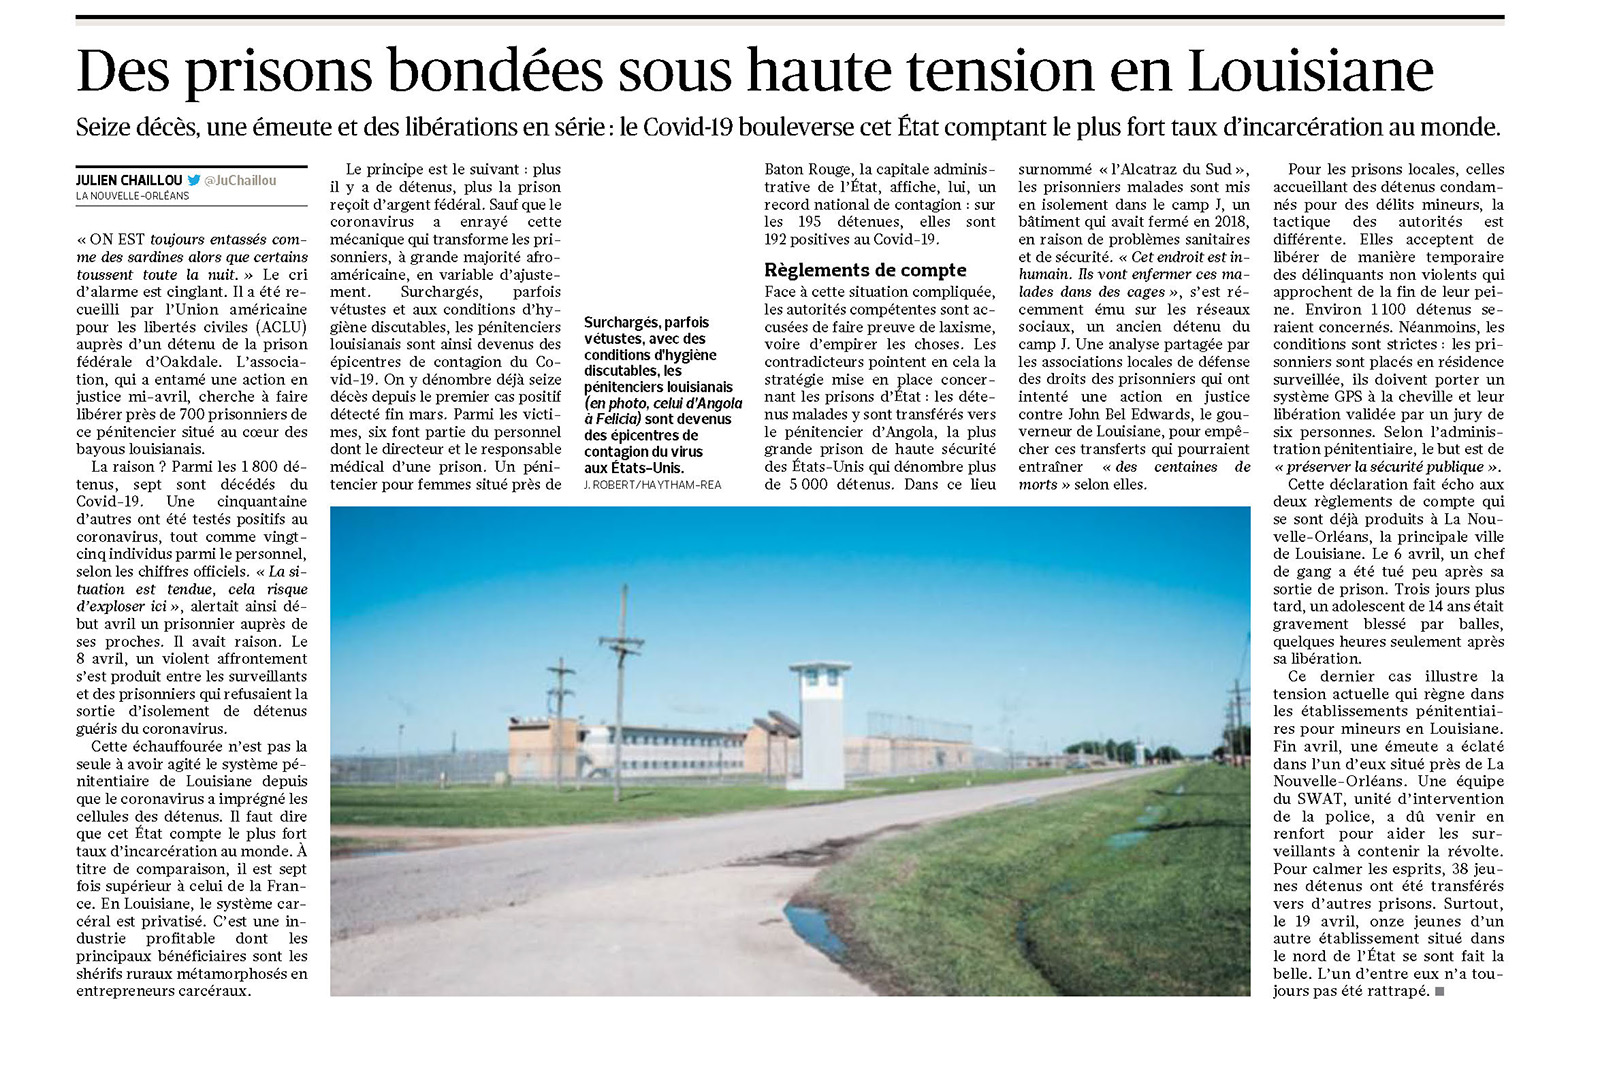 Le-Figaro-(2020-05-08)web